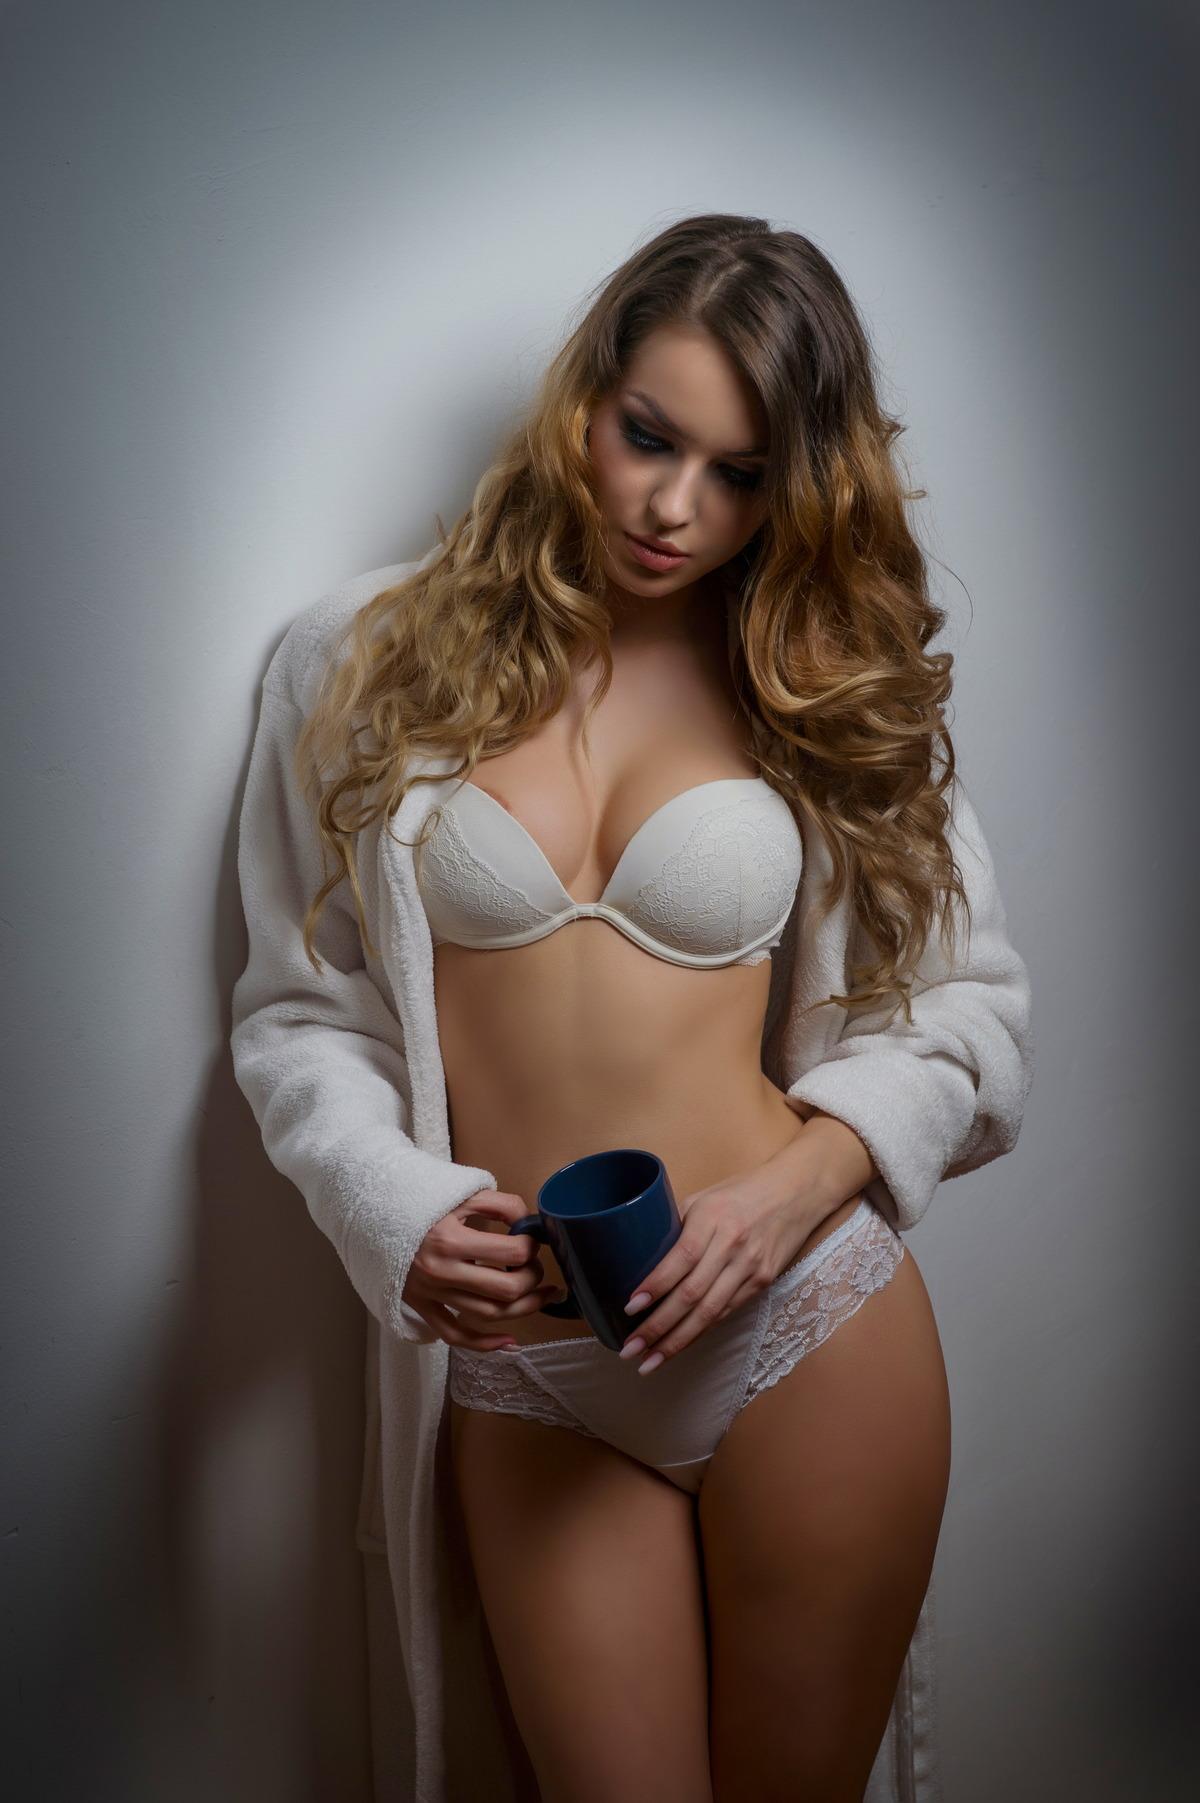 Sexy Girl im Bademantel